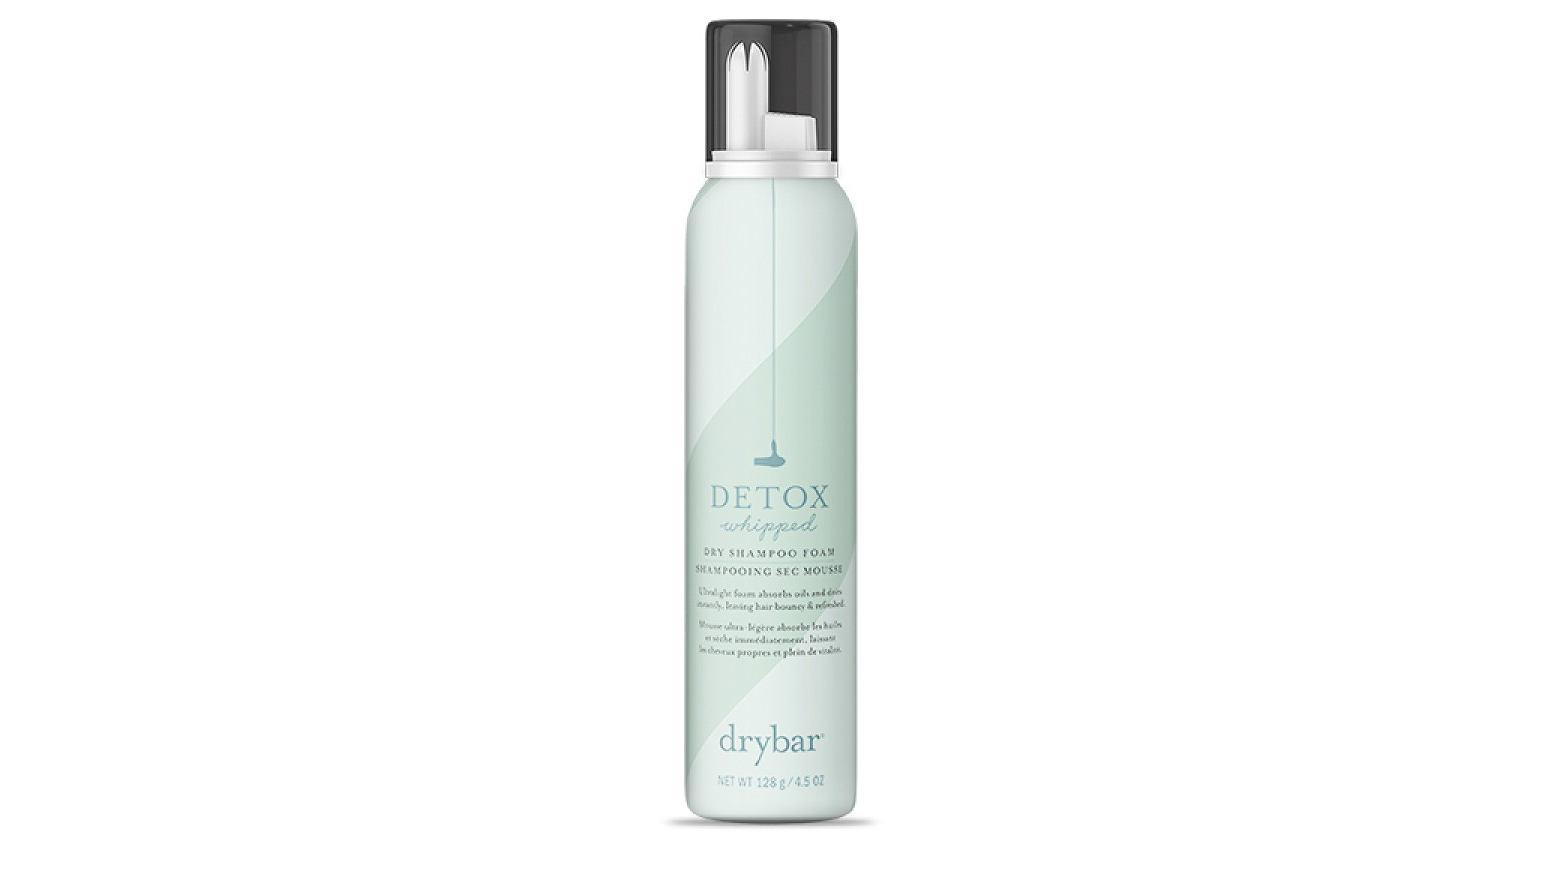 beauty product drybar dry shampoo